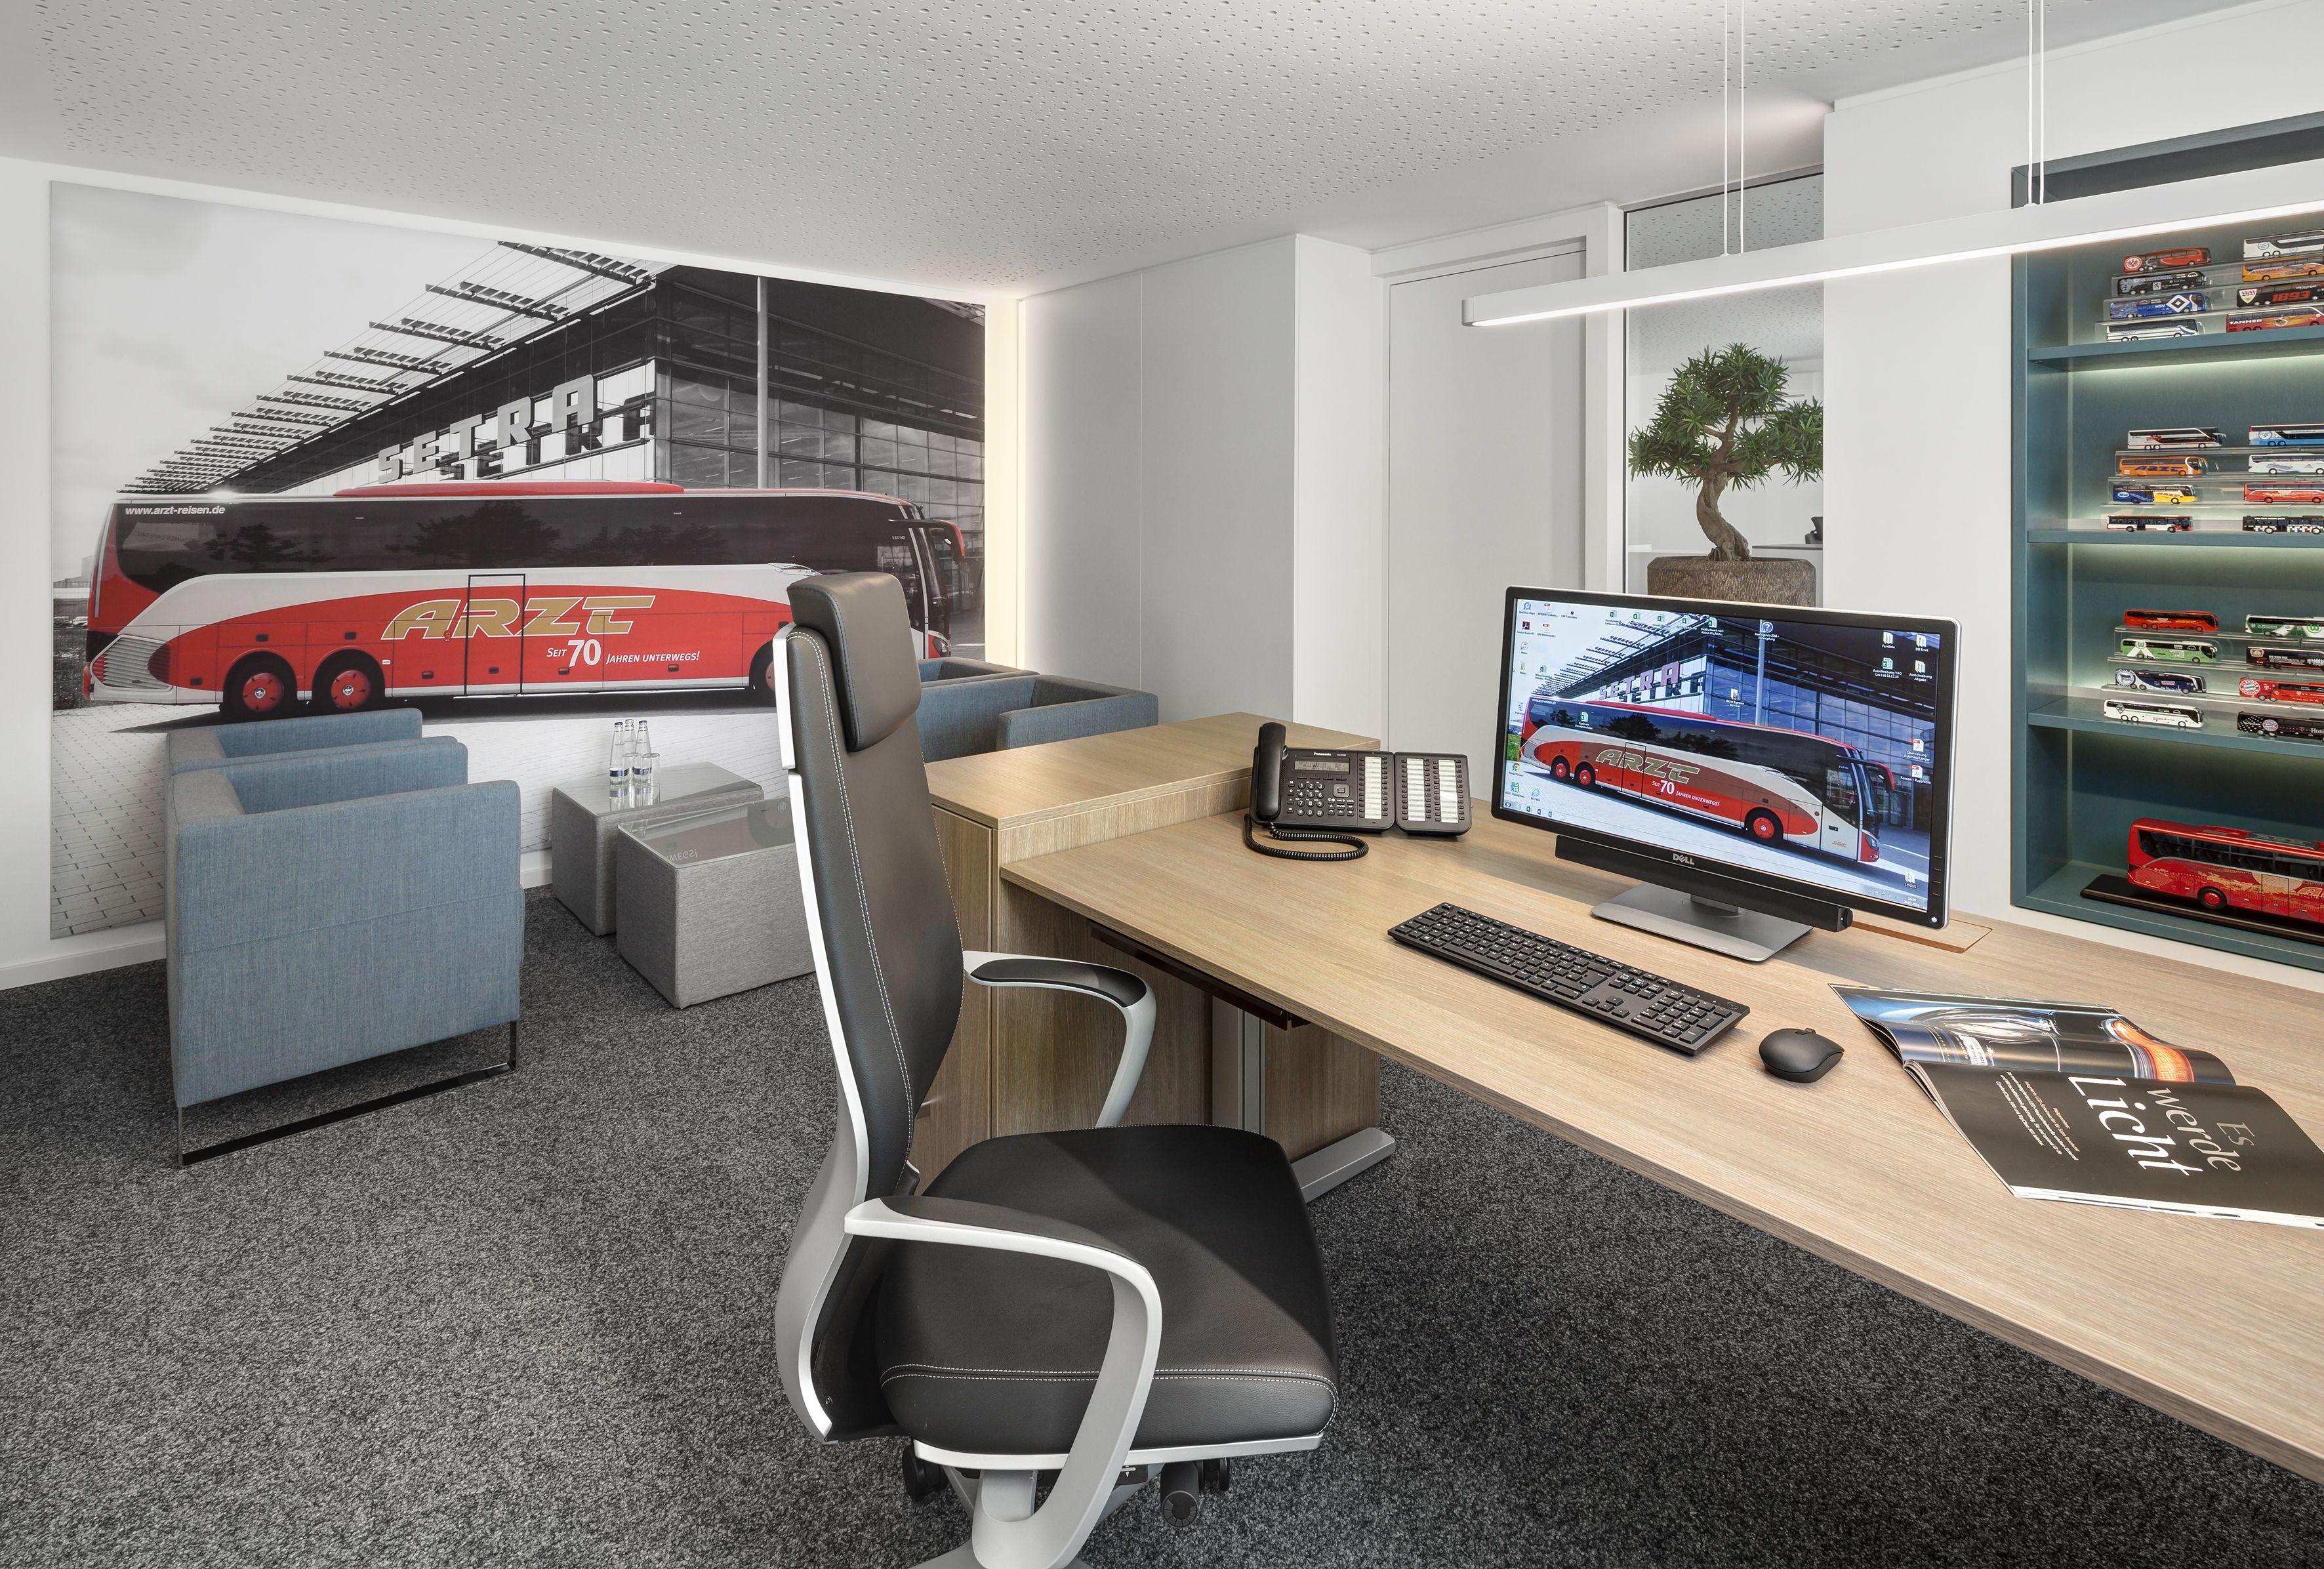 Ergonomischer bürostuhl holz  ergonomischer Bürostuhl, Lifttisch, Holz, Büroaccessoires ...